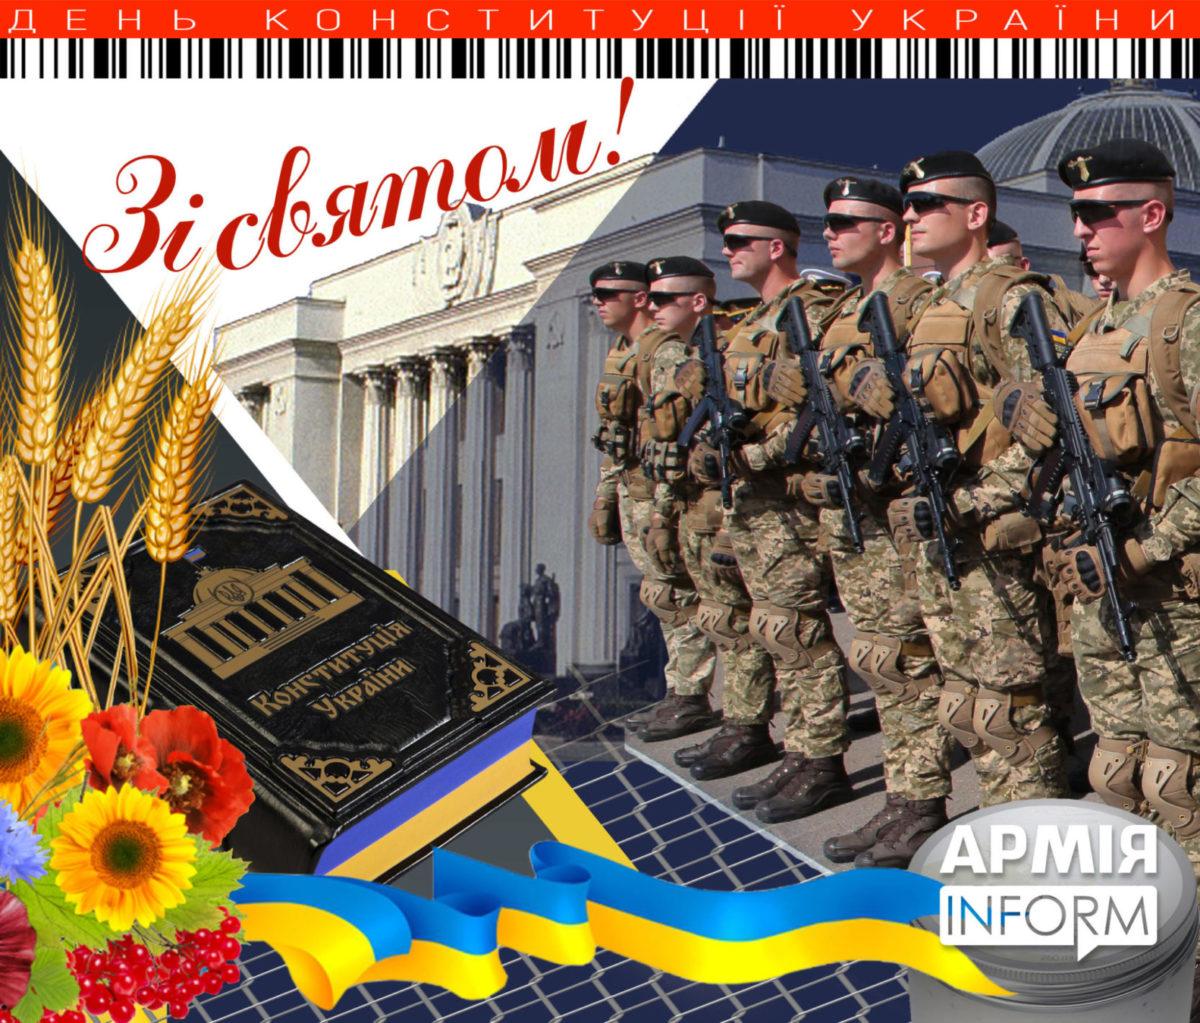 Україна отримала нову Конституцію… всупереч усім розбіжностям